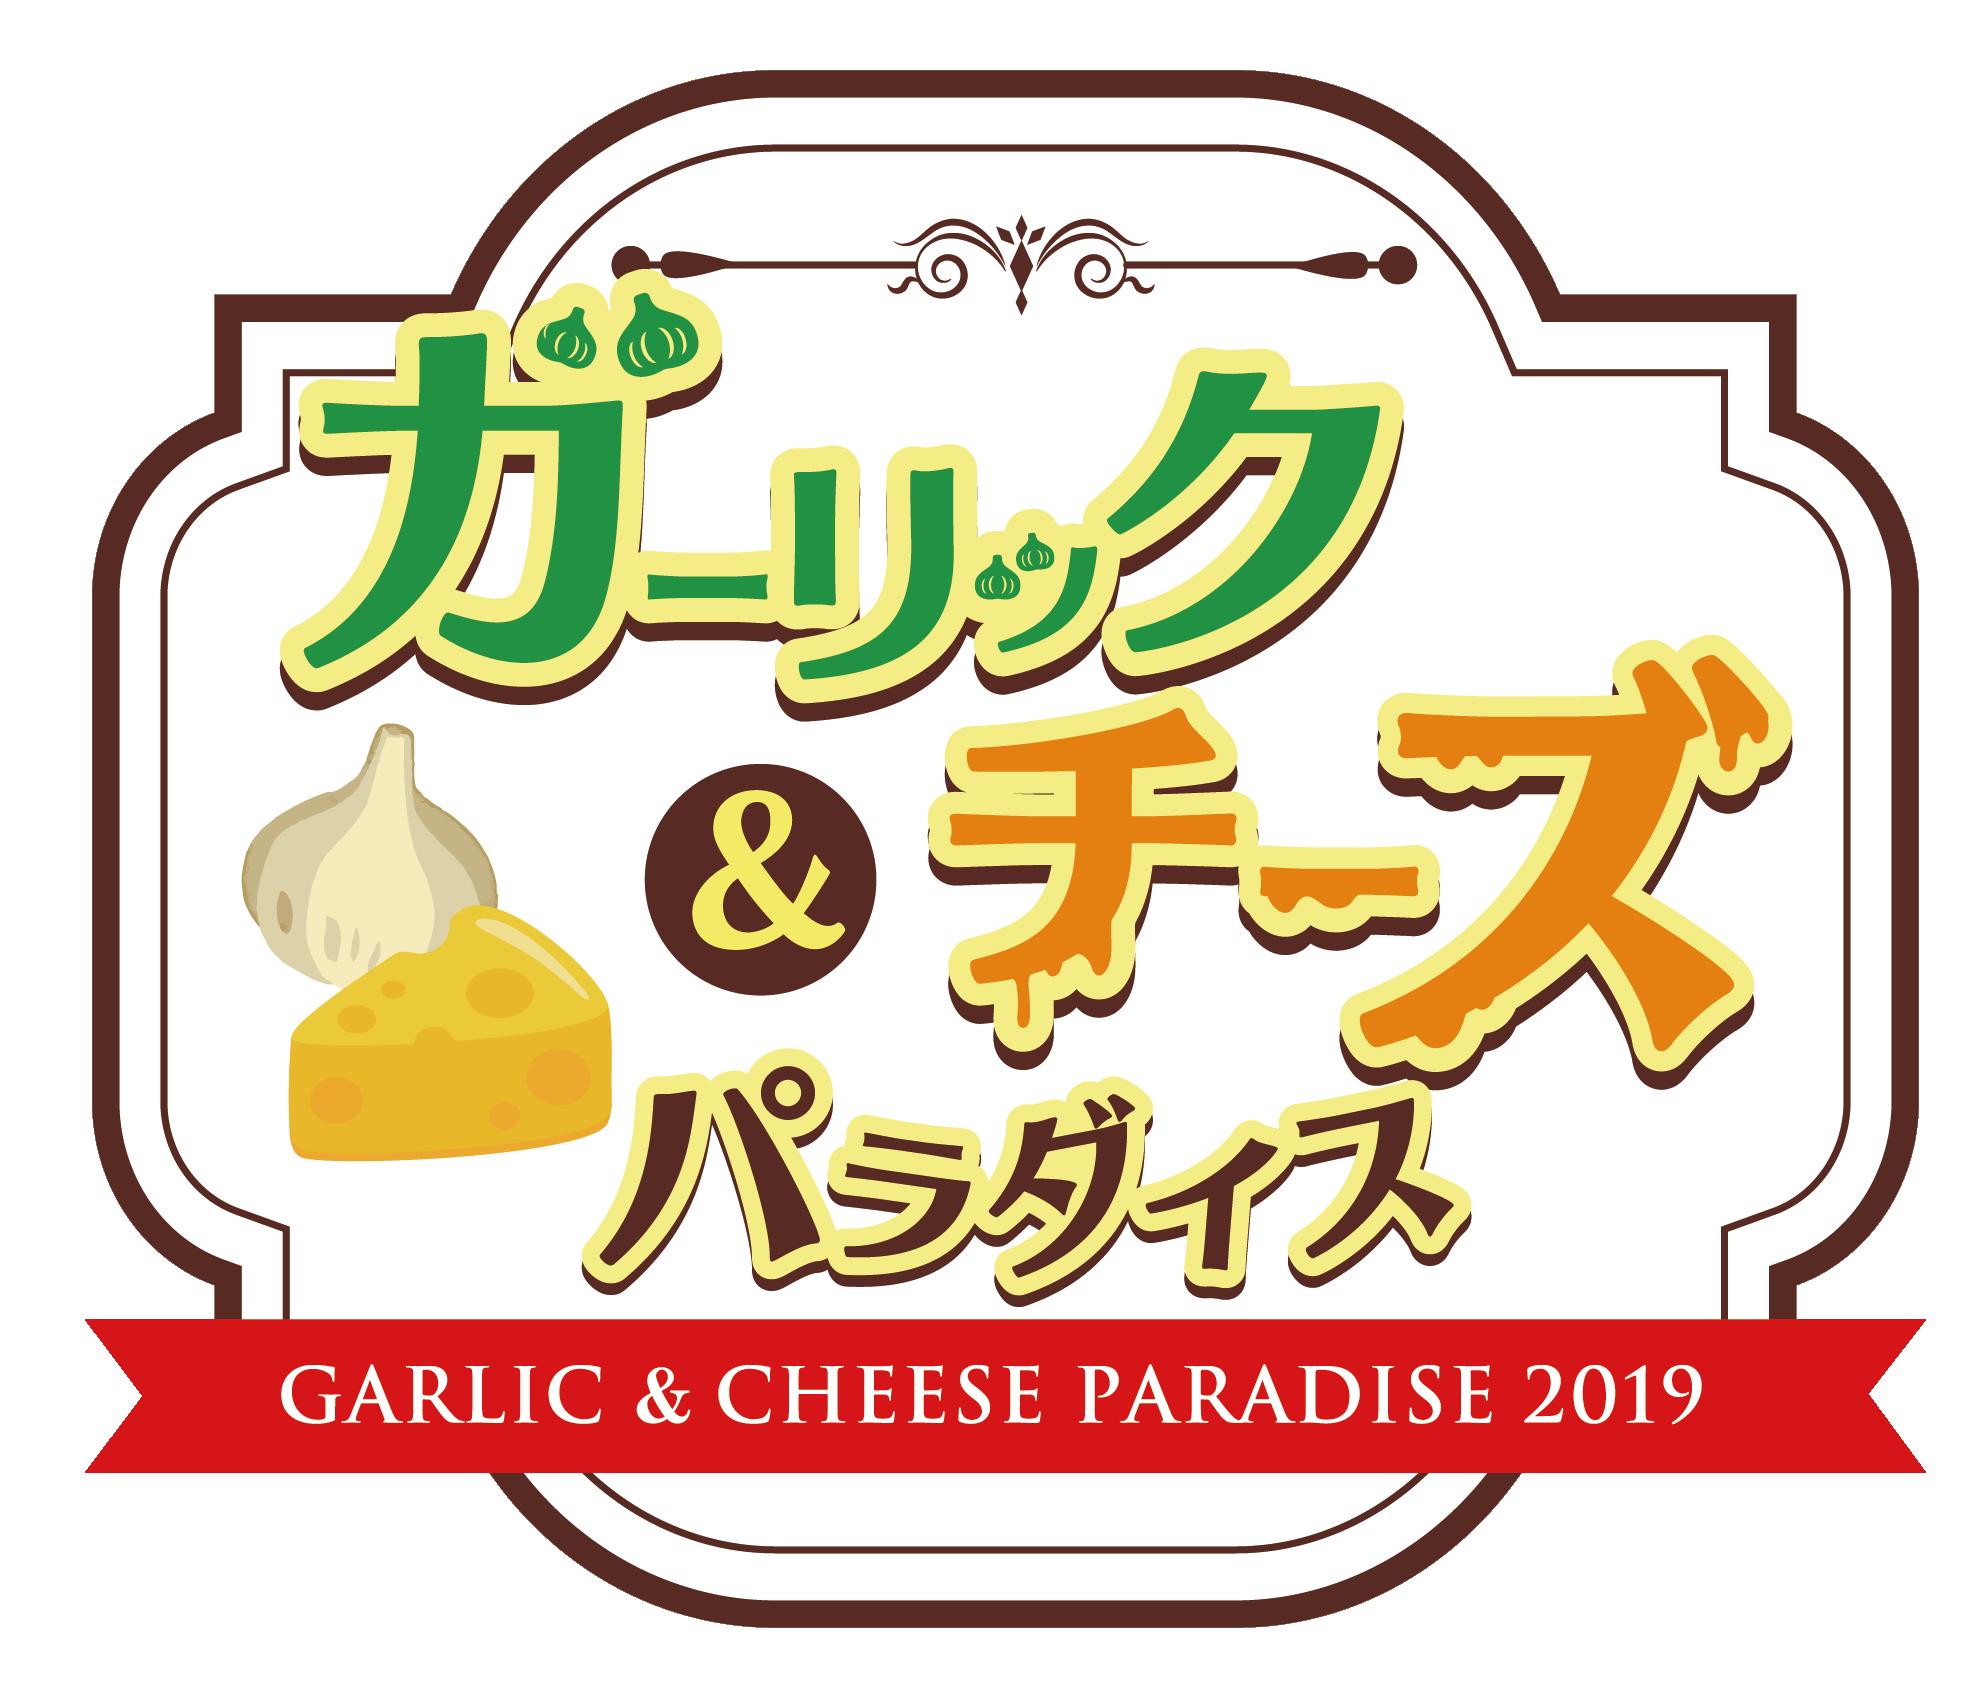 『ガーリック&チーズパラダイス2019』の全貌が公開に (大久保公園)